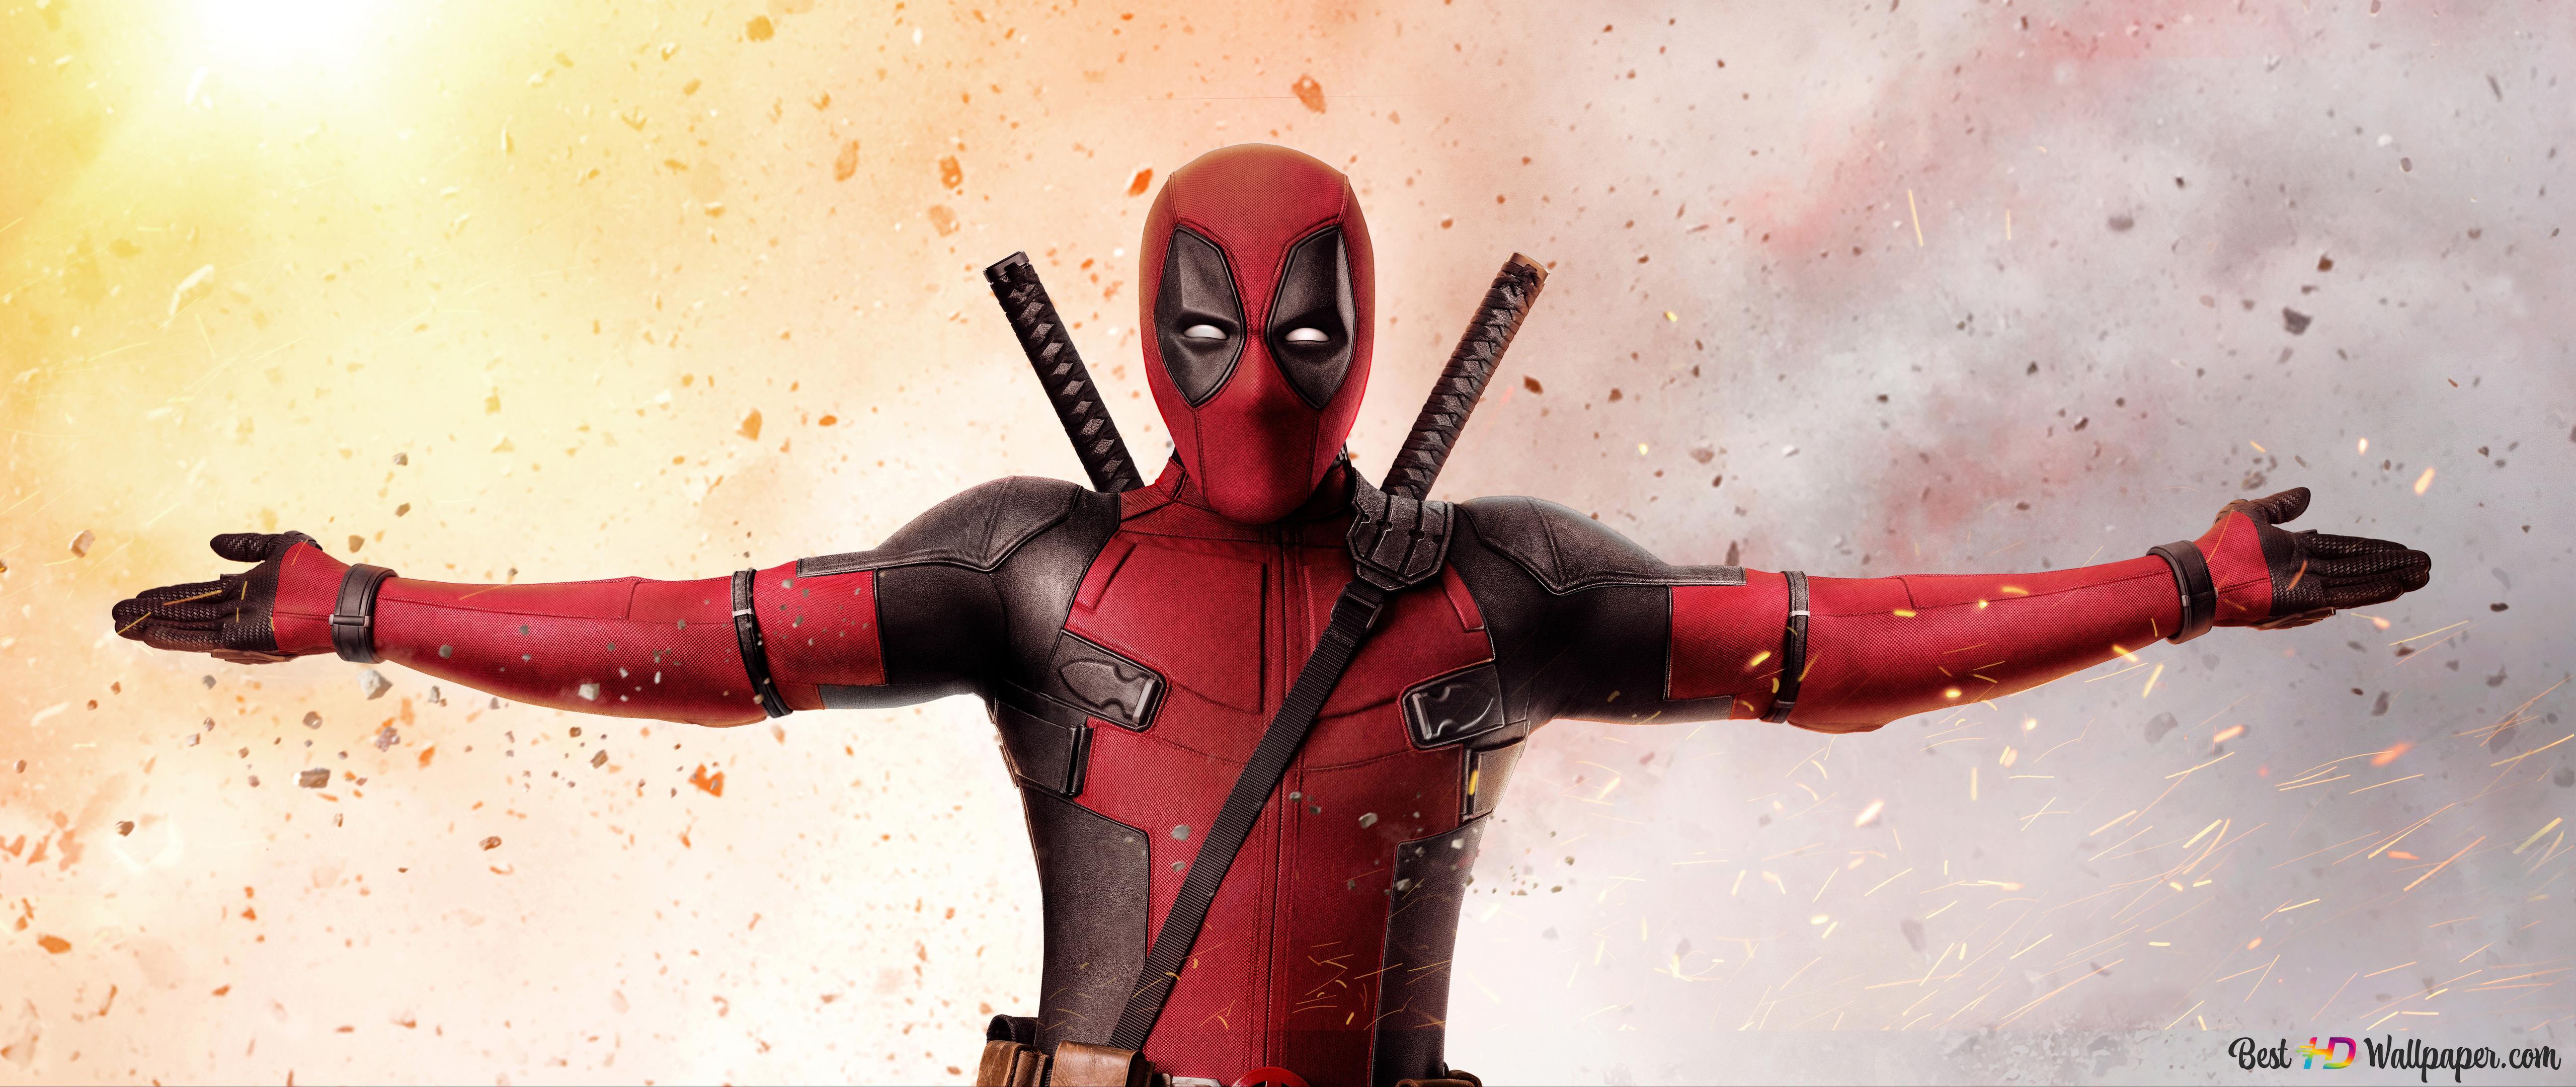 Deadpool 2 10k HD wallpaper download